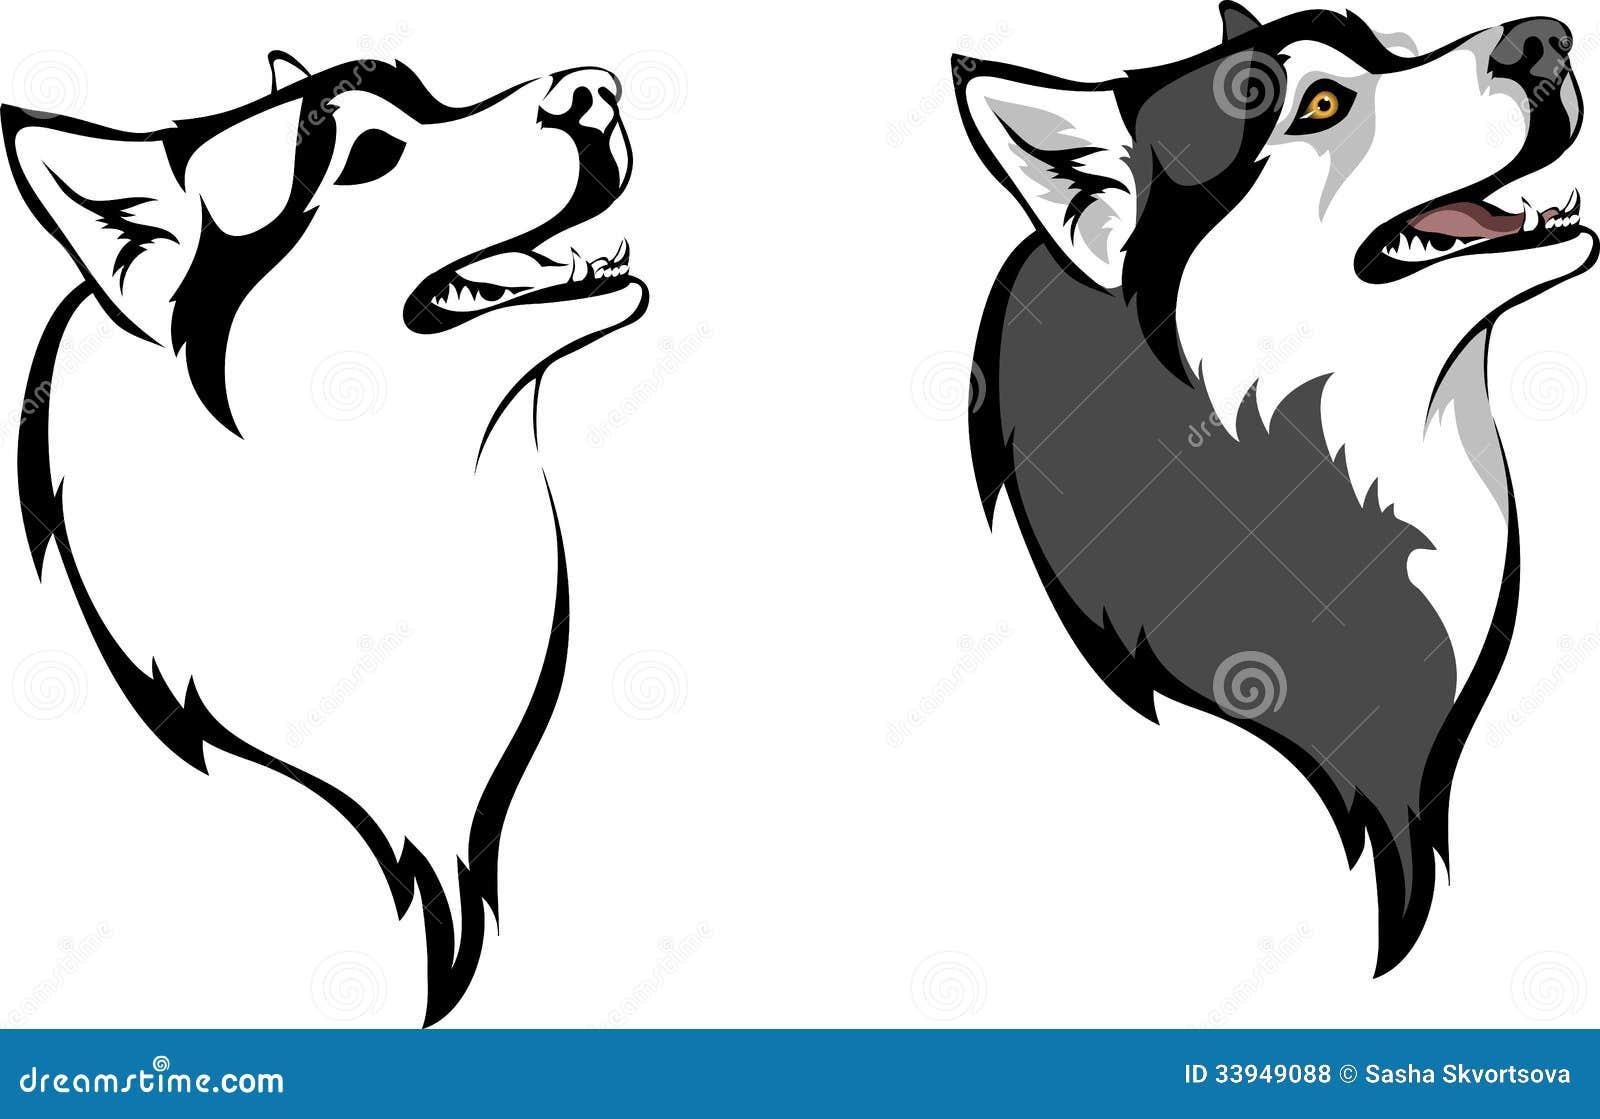 how to draw a husky head